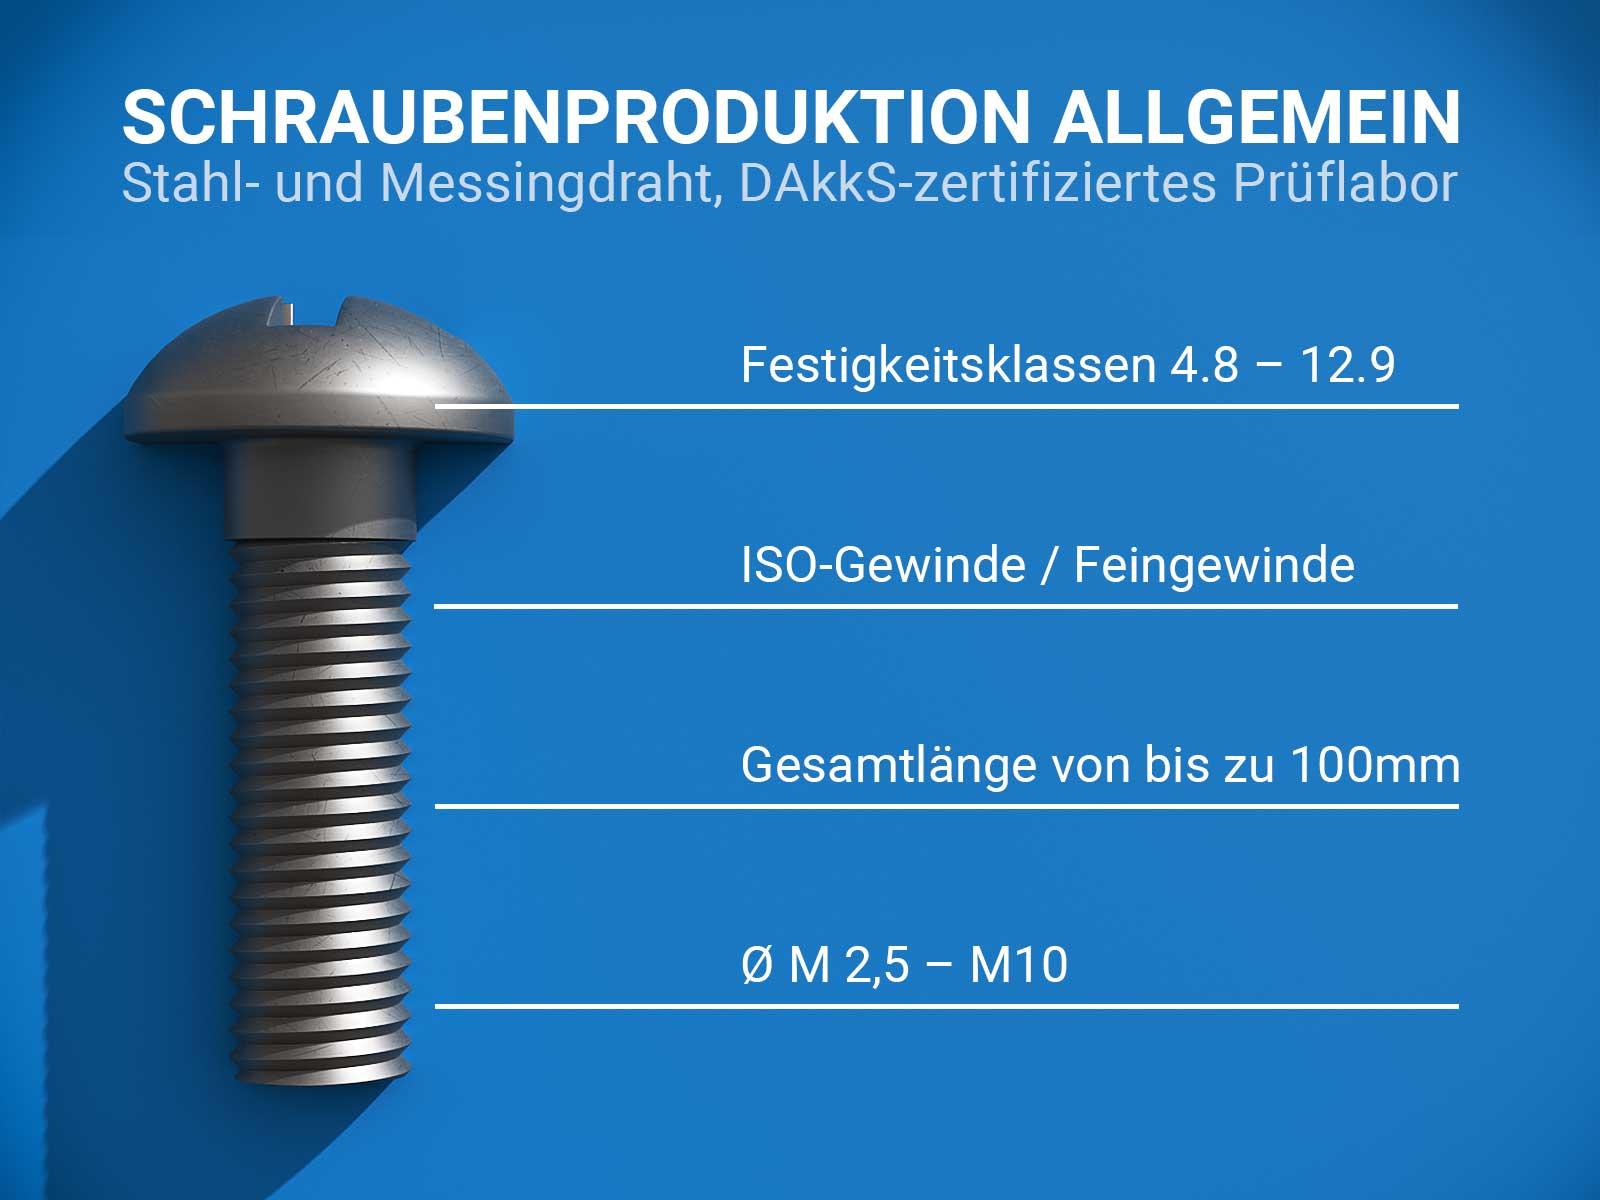 Schrauben Hersteller • Frey Schrauben GmbH